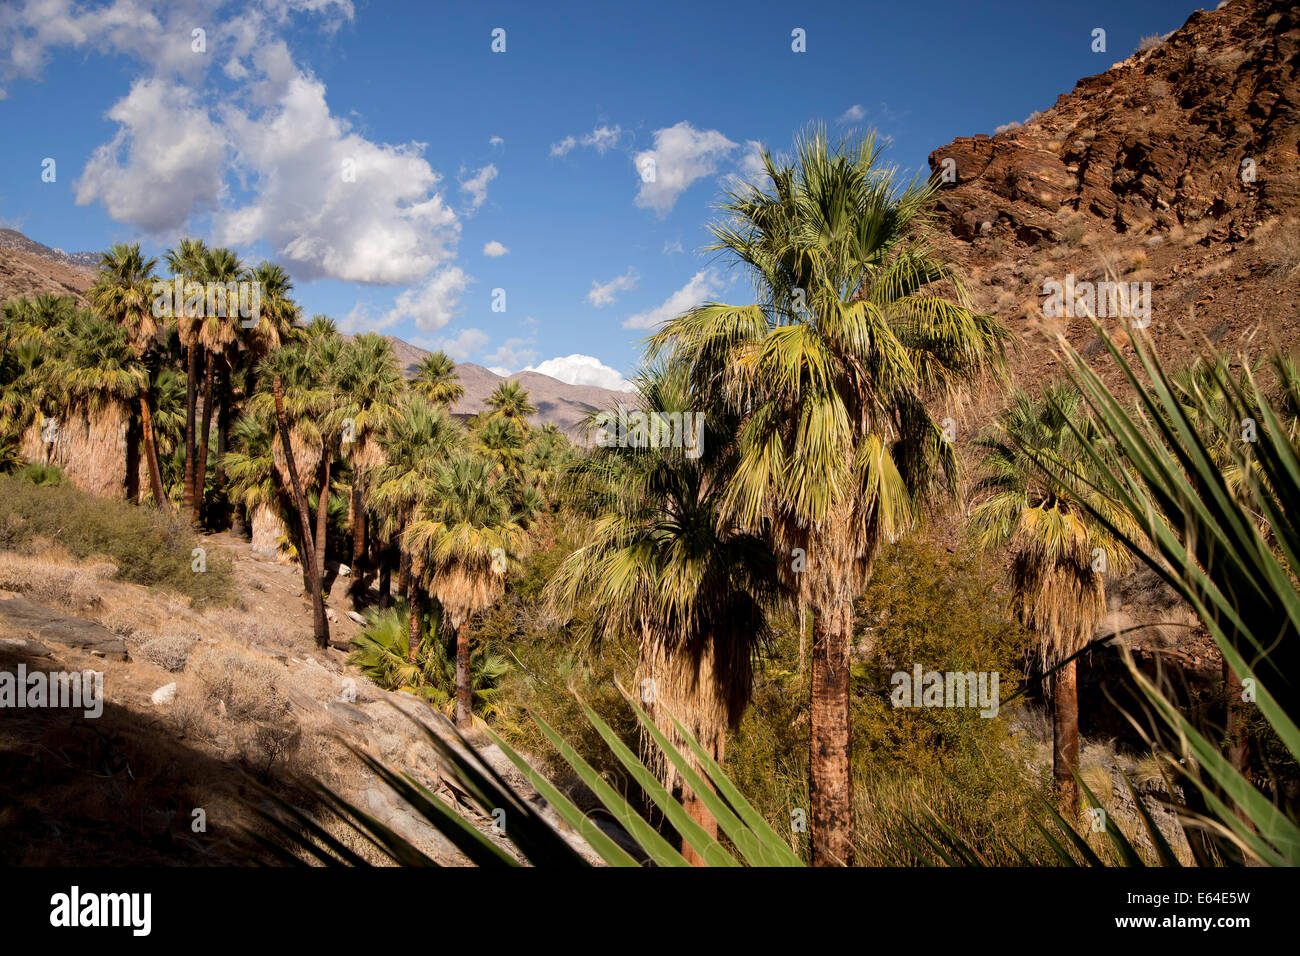 Ventola della California palme a Palm Canyon, Palm Springs, California, Stati Uniti d'America, STATI UNITI D'AMERICA Immagini Stock